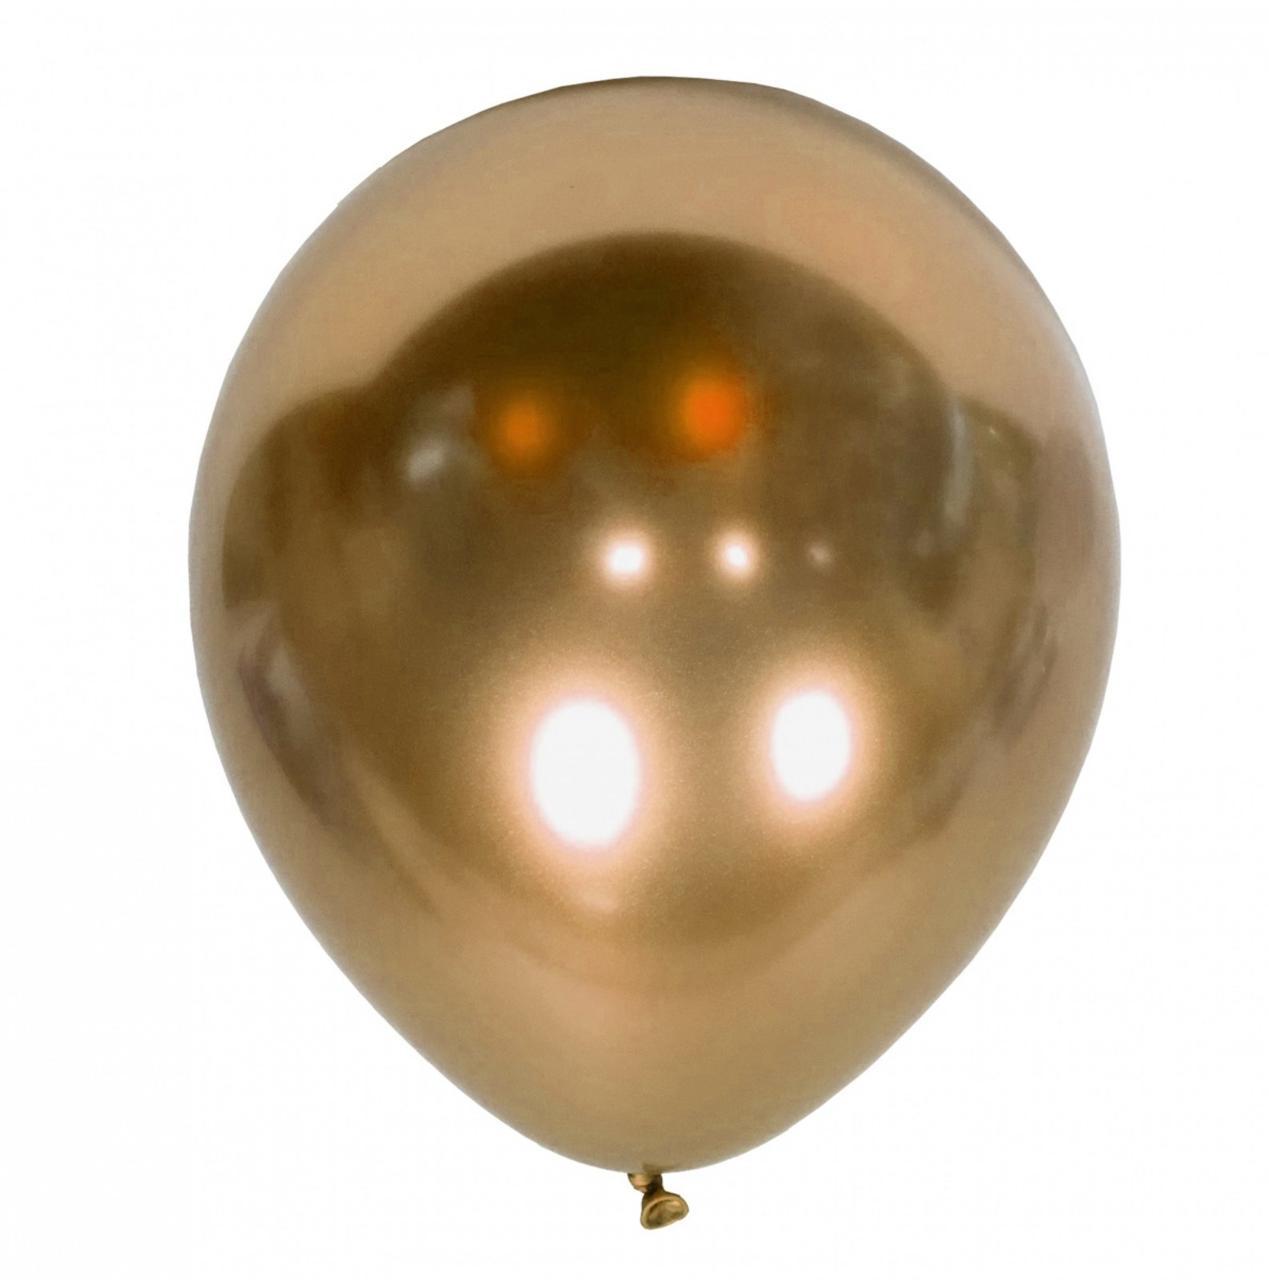 Воздушныешары хром золото 30см  1 шт Kalisan Турция